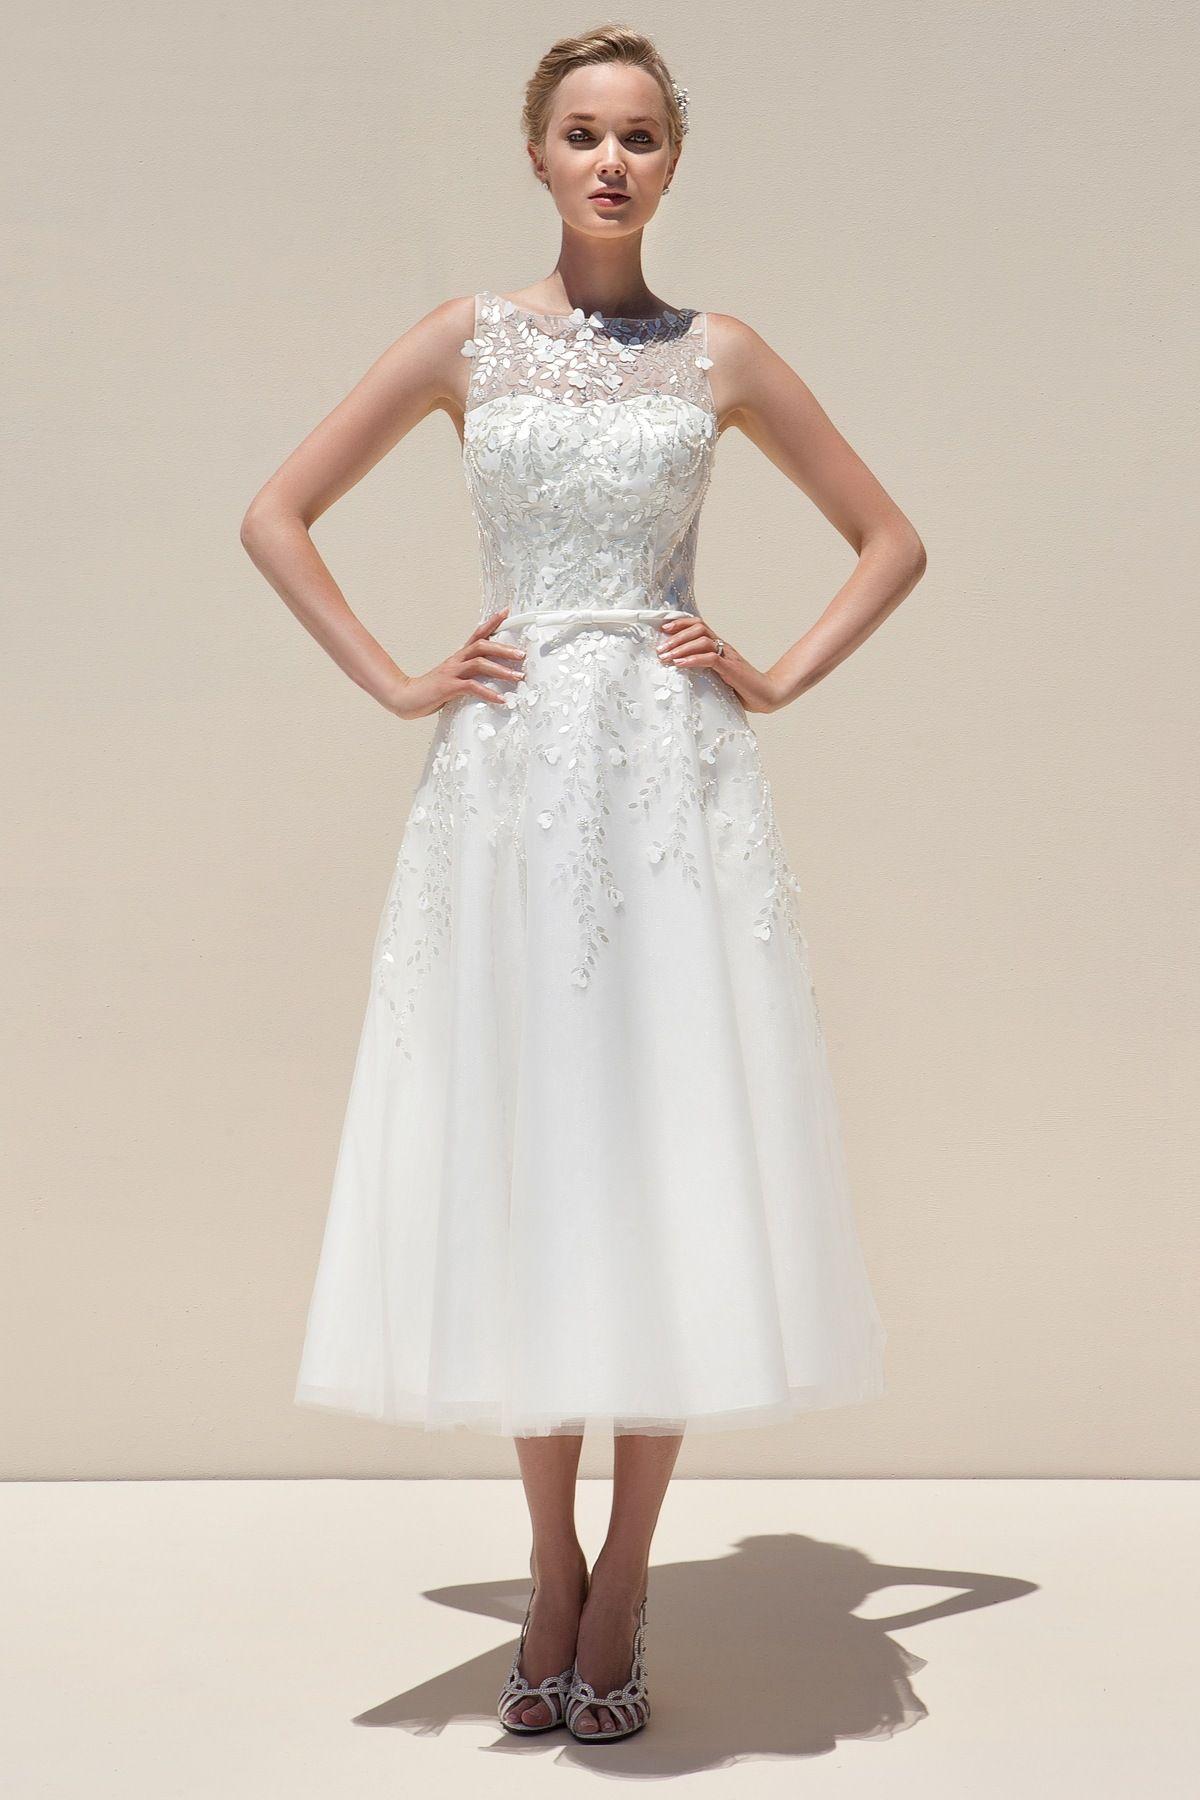 Mark lesley tea length wedding dress style mlb dress pinterest